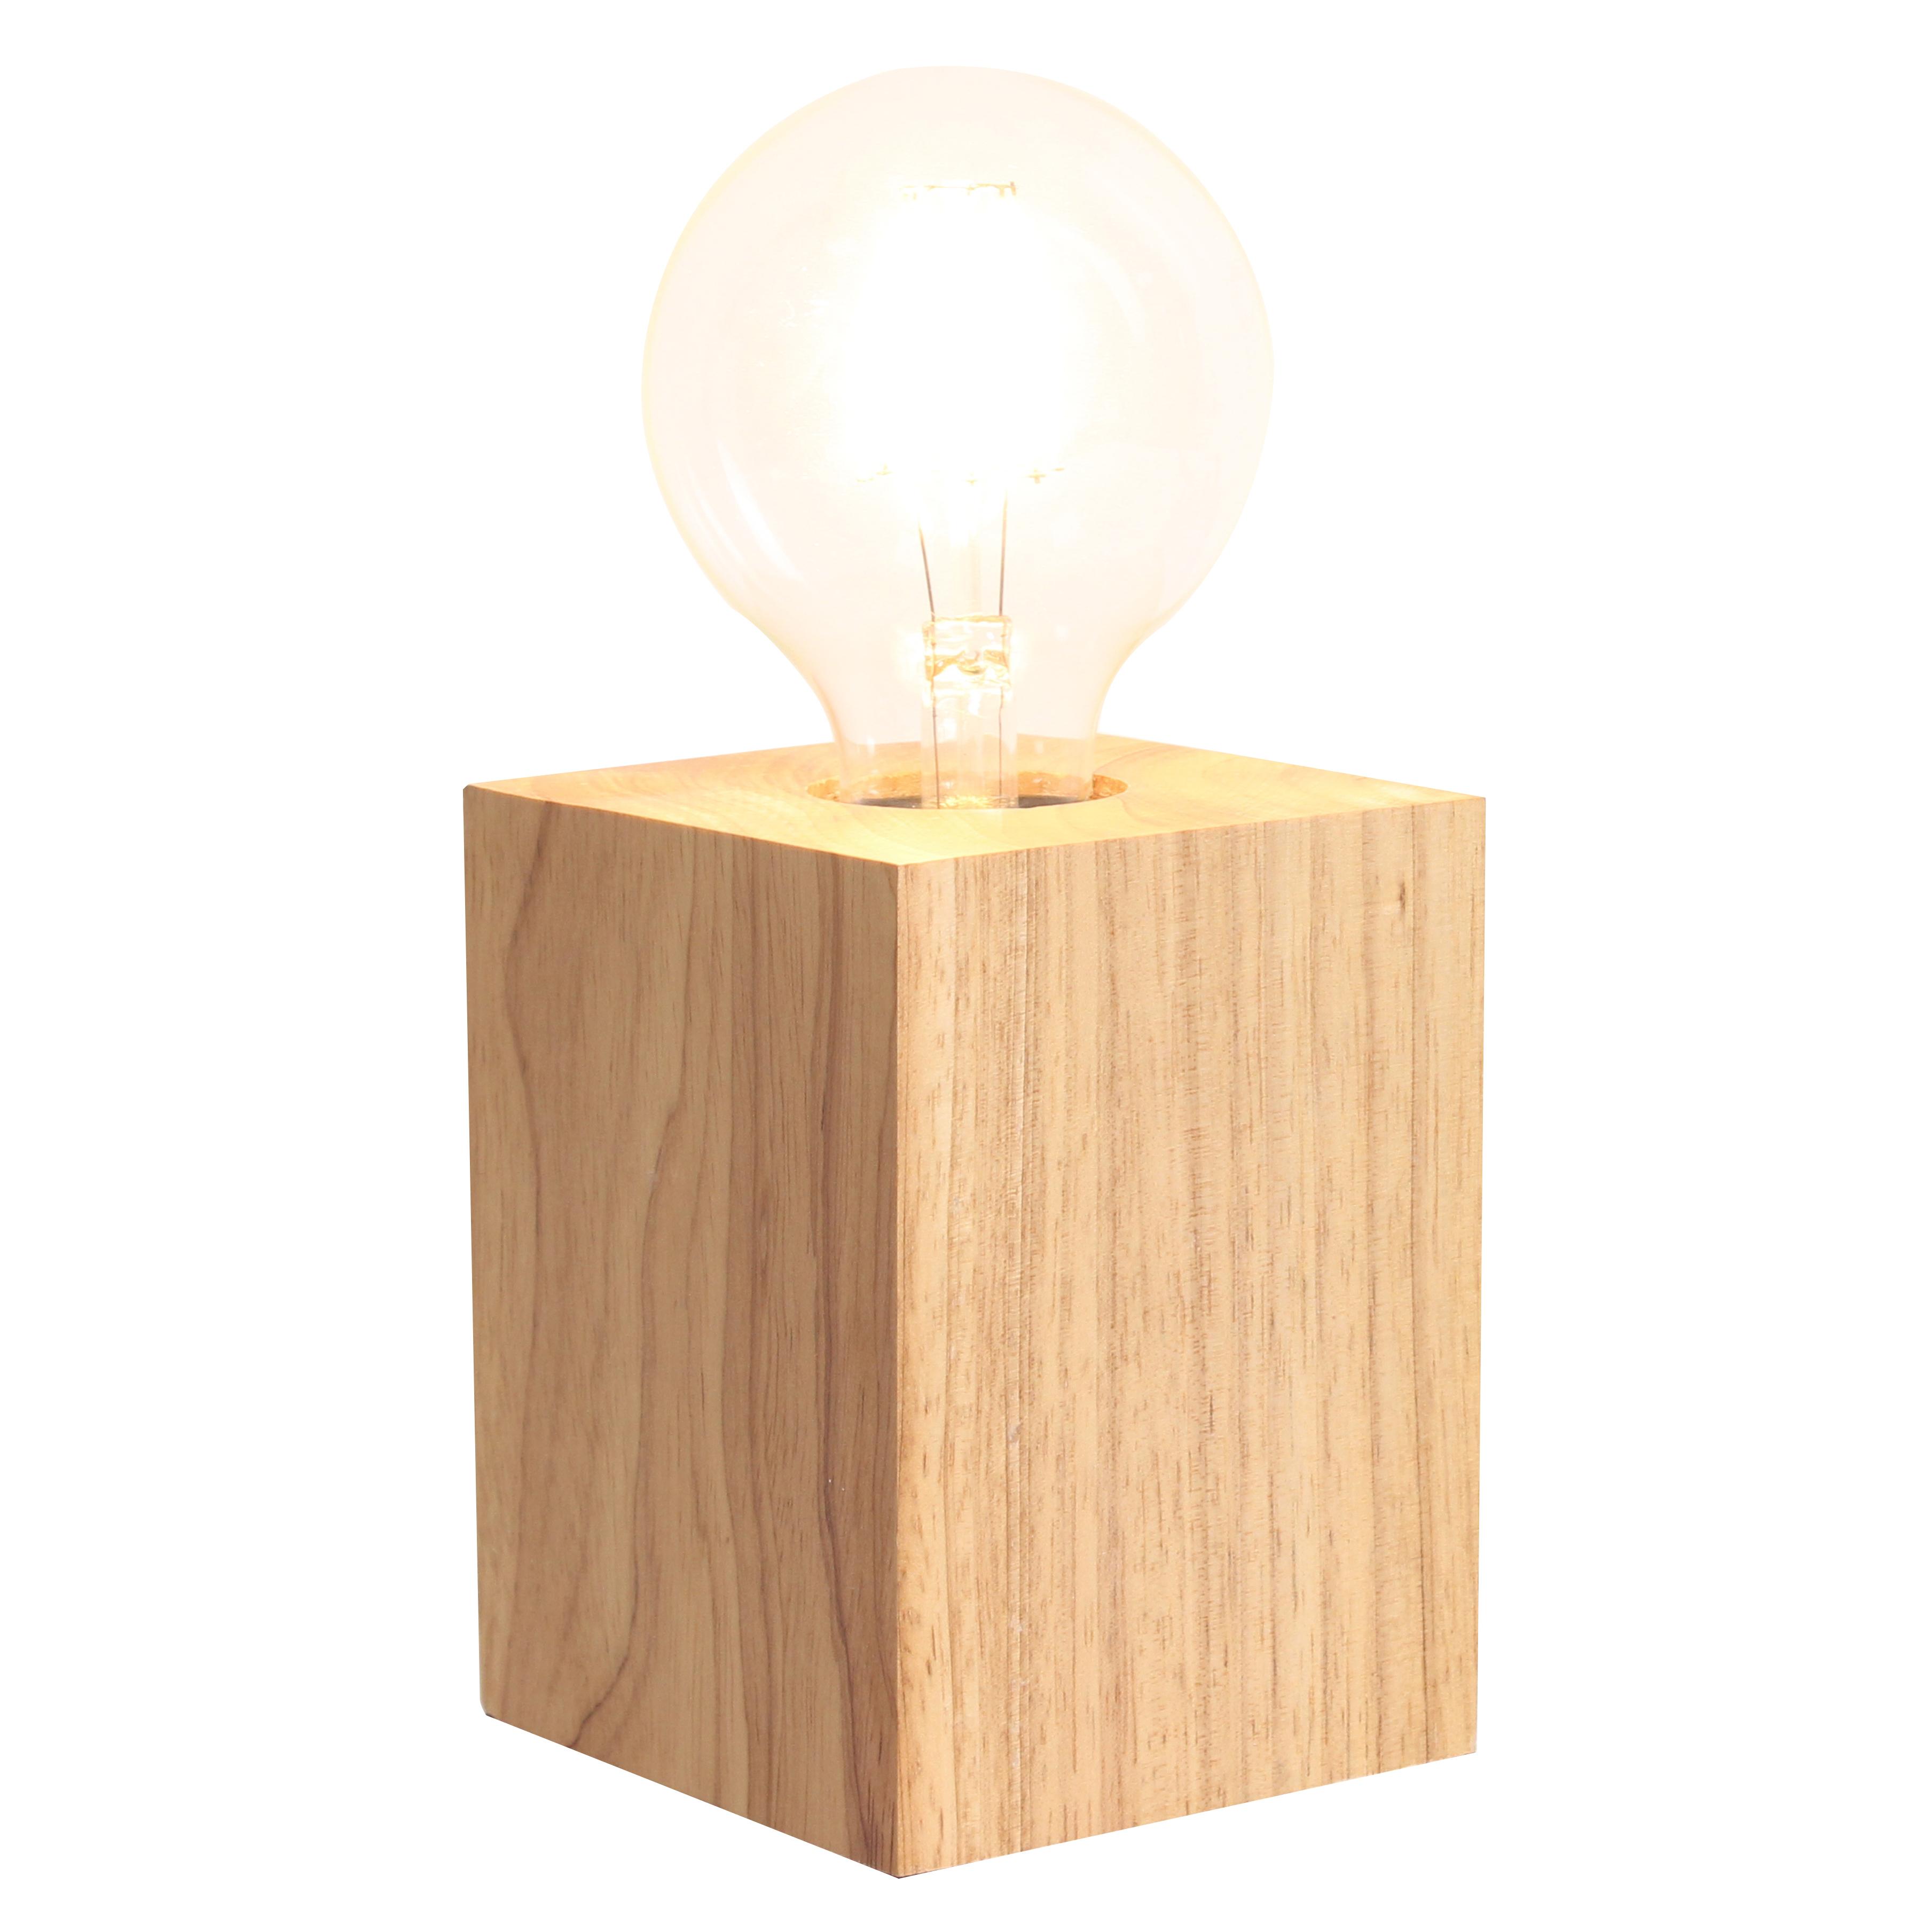 Pied de lampe en bois naturel